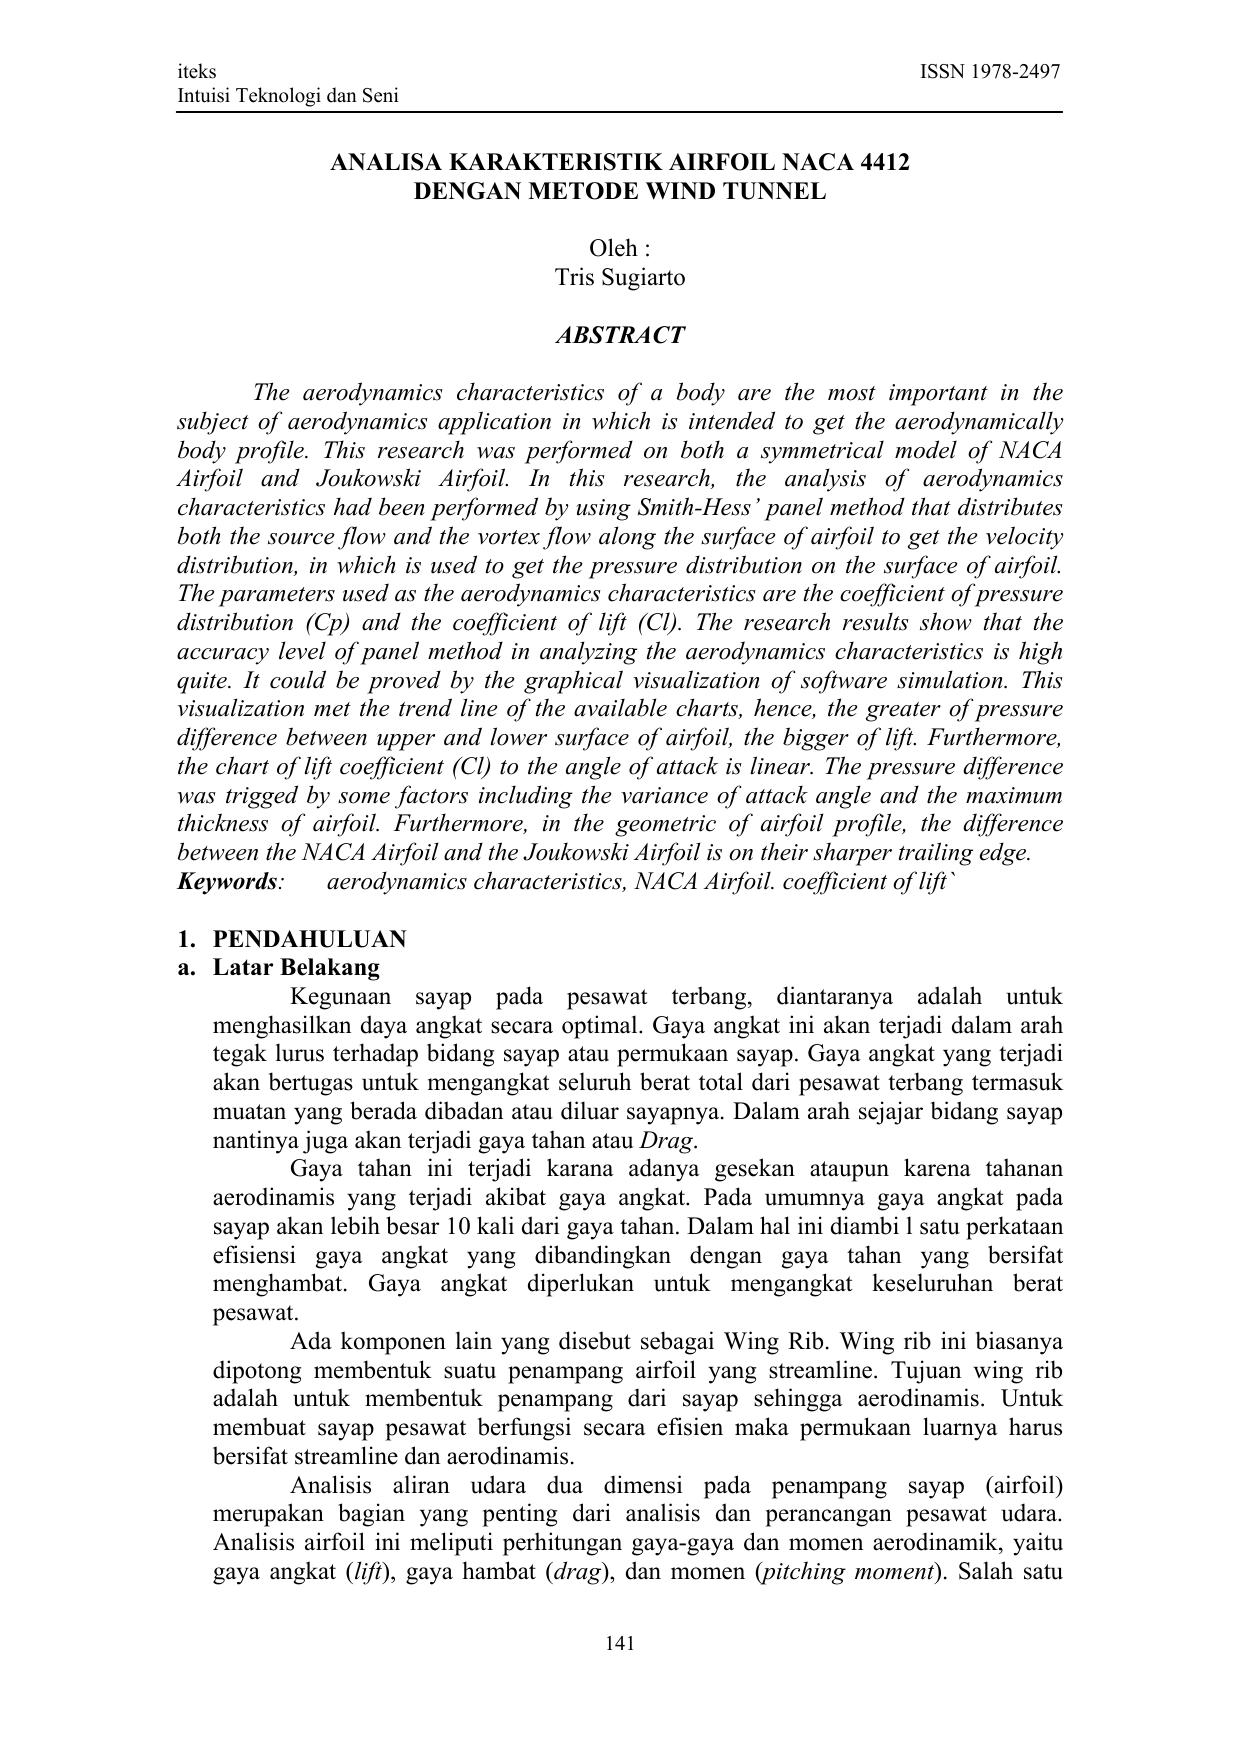 ANALISA KARAKTERISTIK AIRFOIL NACA 4412 DENGAN